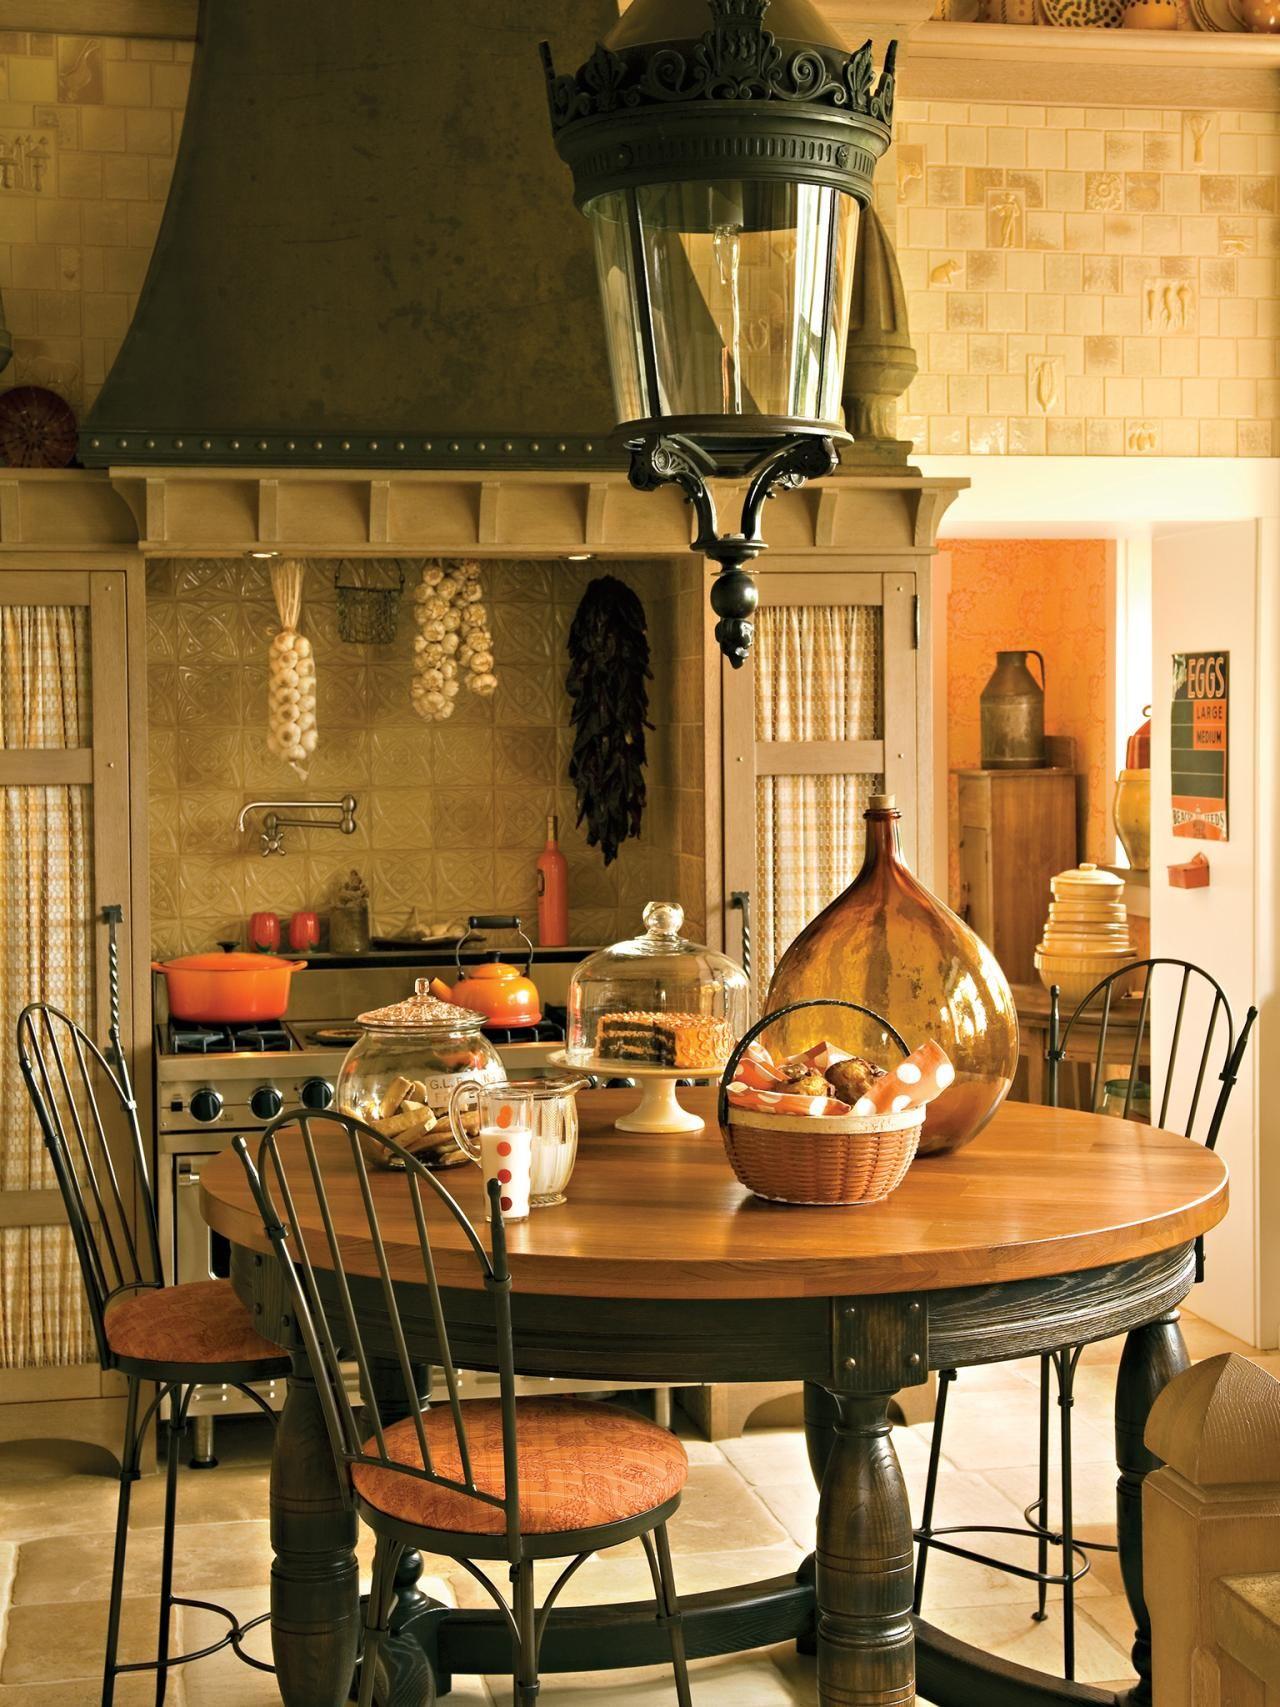 Küche Tisch Dekor Ideen | Küche | Pinterest | Küche tisch, Tisch und ...